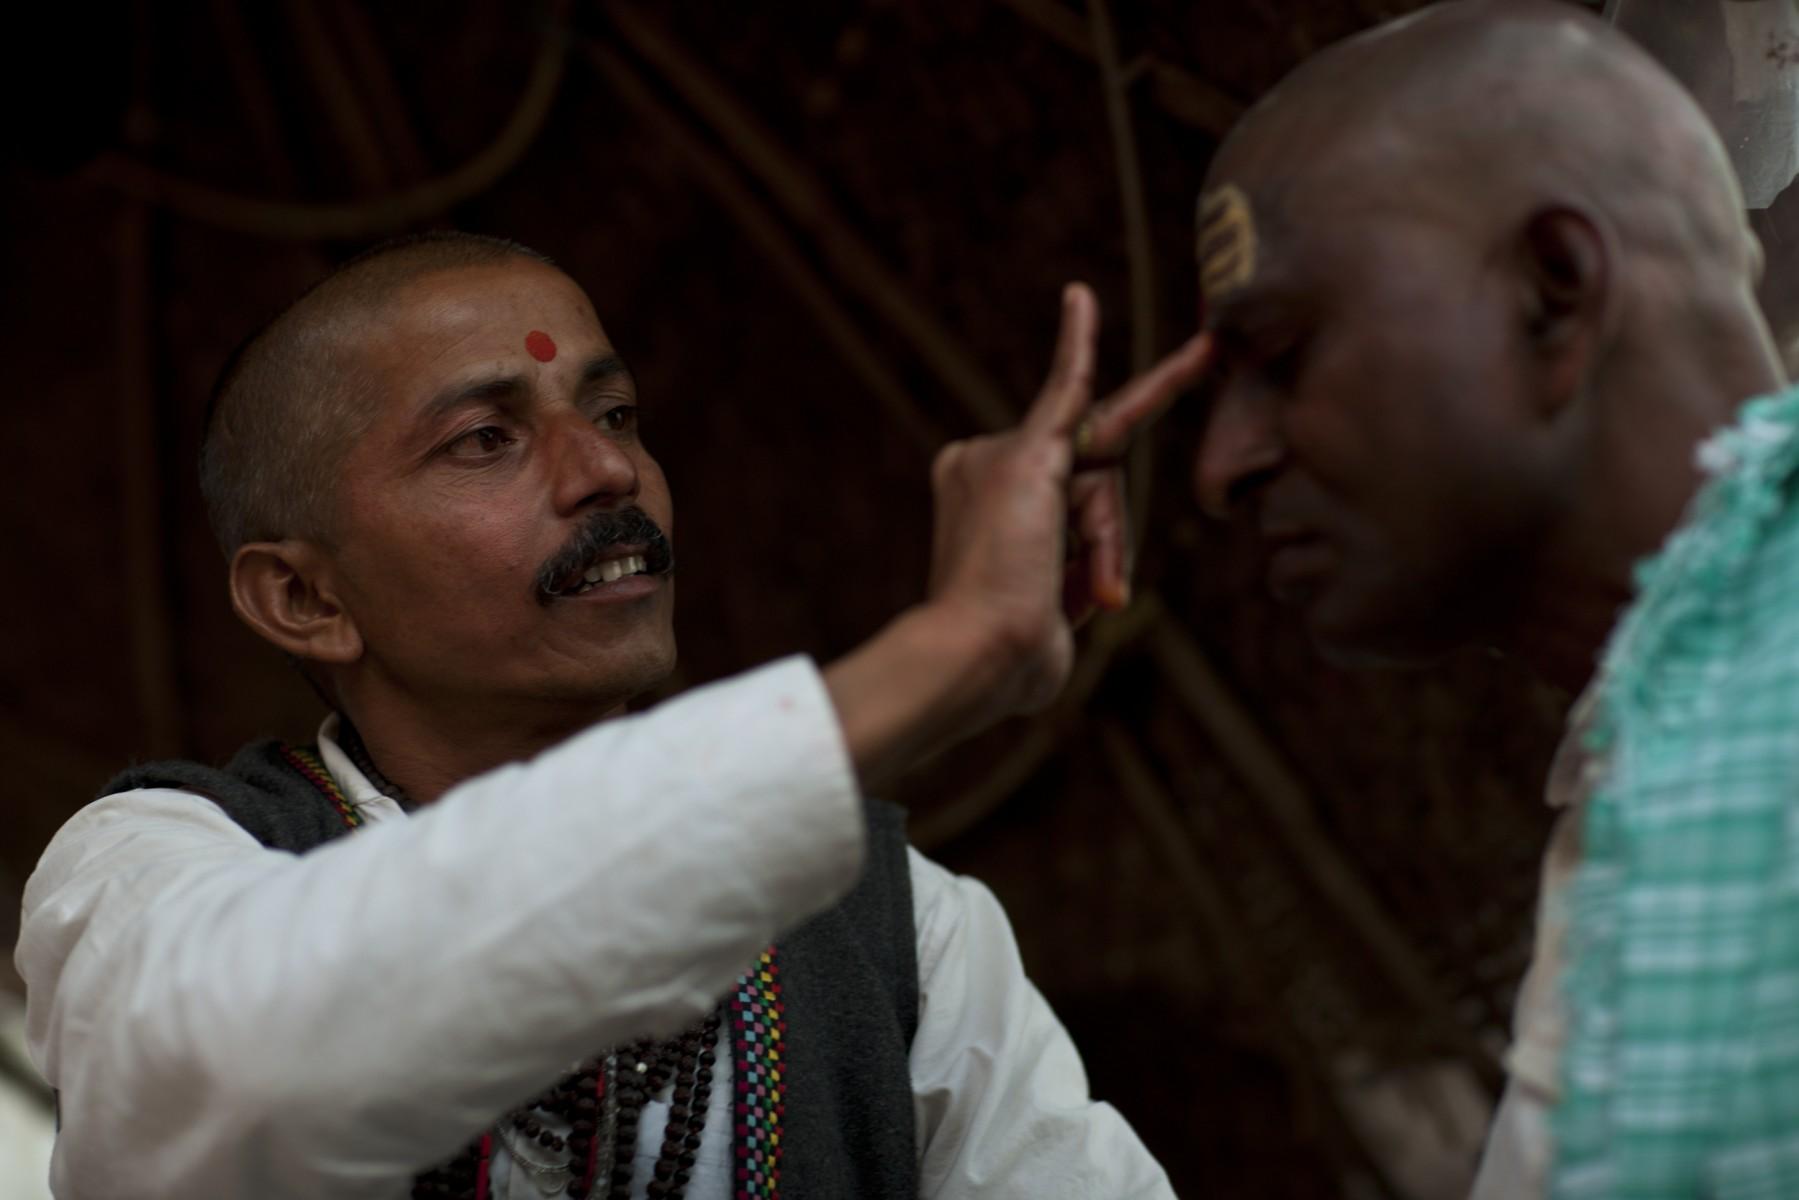 Priest blesses a pilgrim with a tika